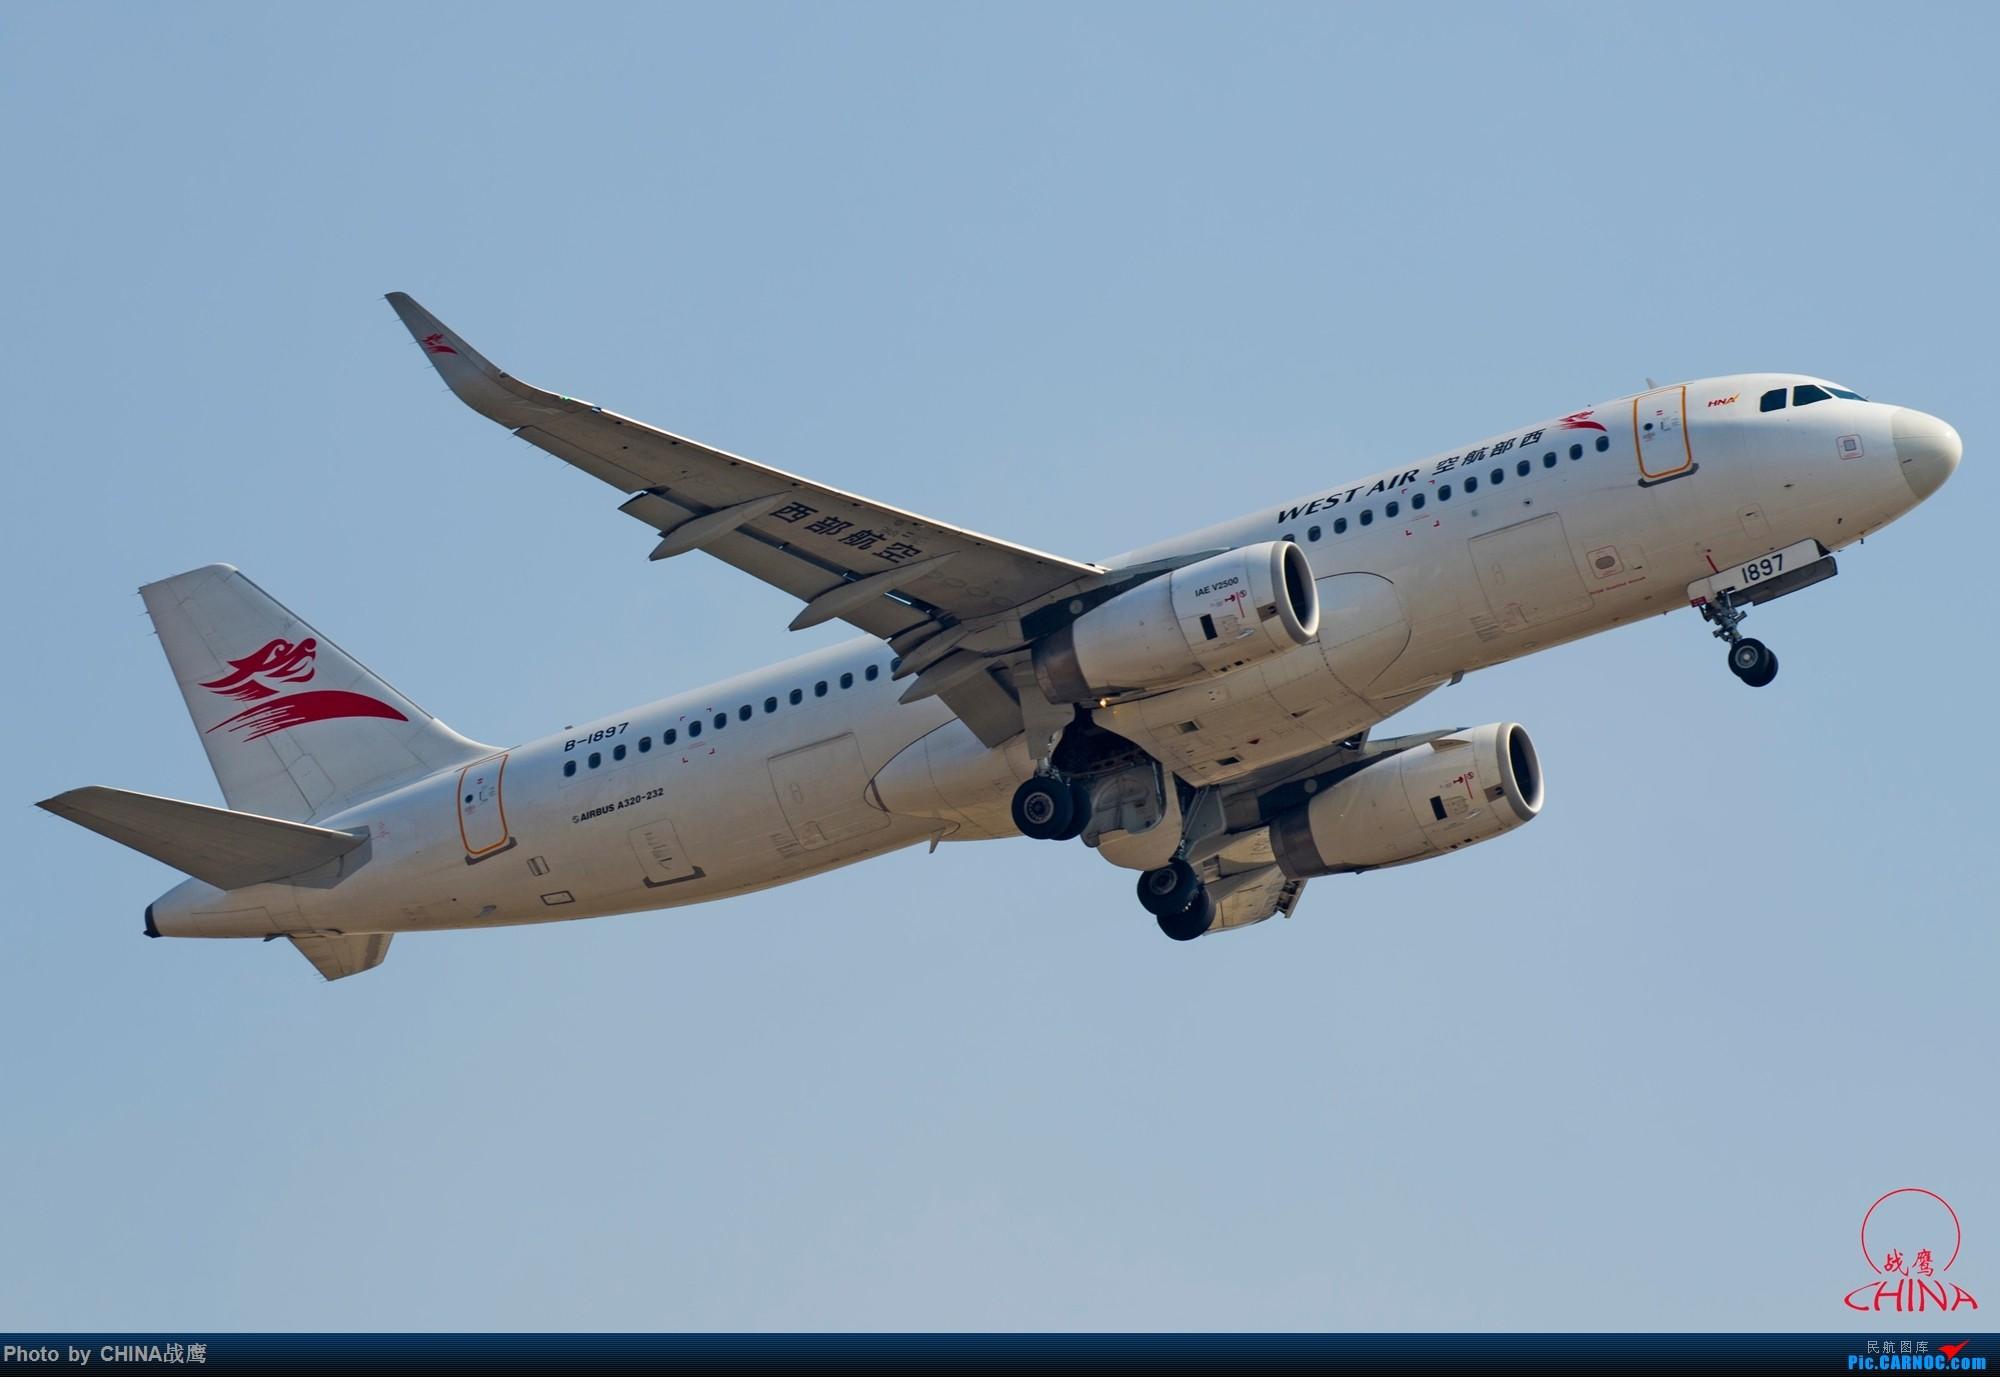 Re:[原创]拍飞机的乐趣 AIRBUS A320-200 B-1897 中国沈阳桃仙国际机场